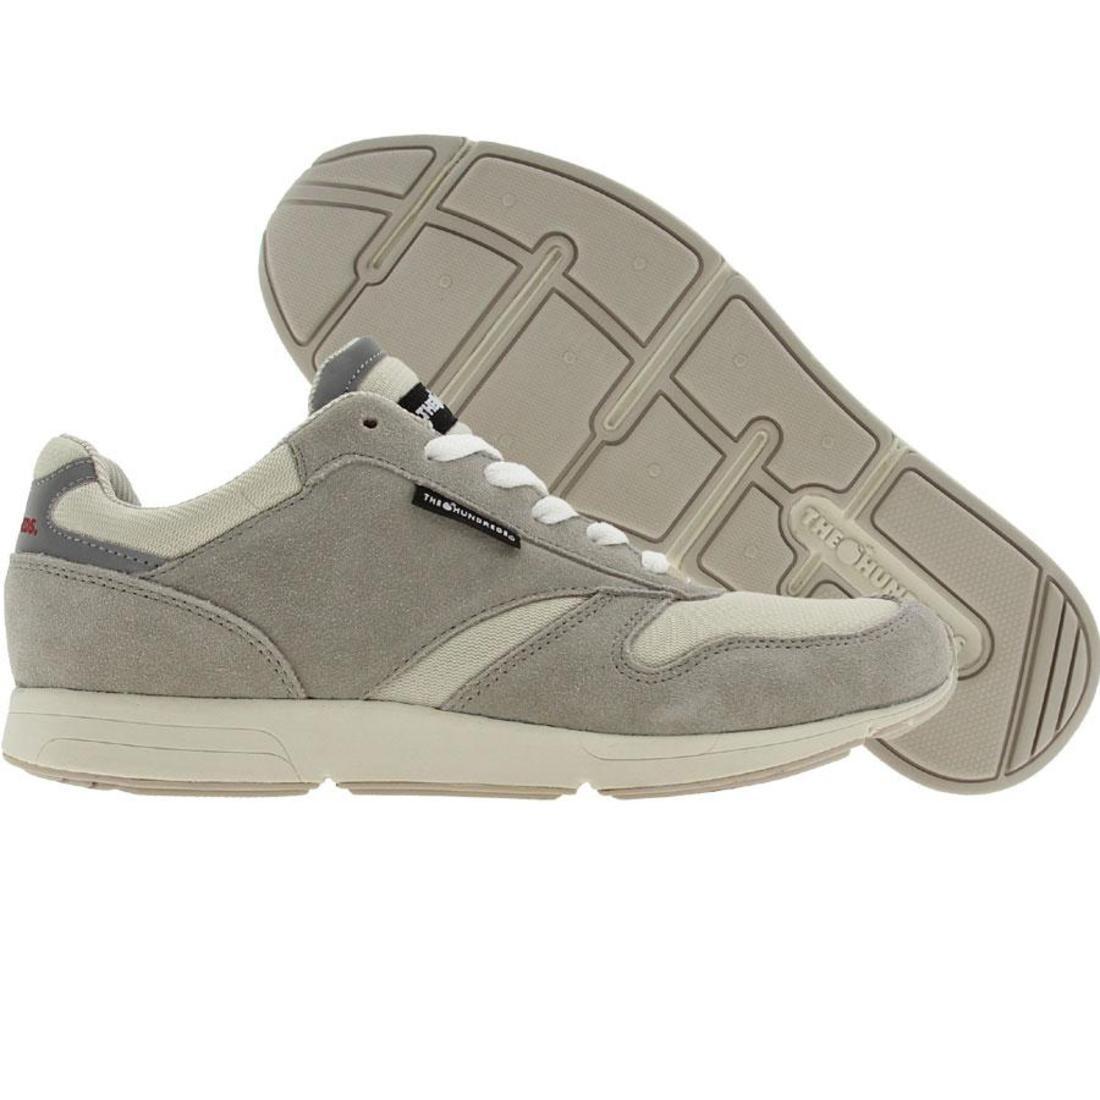 【海外限定】スエード スウェード スニーカー メンズ靴 【 THE HUNDREDS SCULLY SUEDE GREY 】